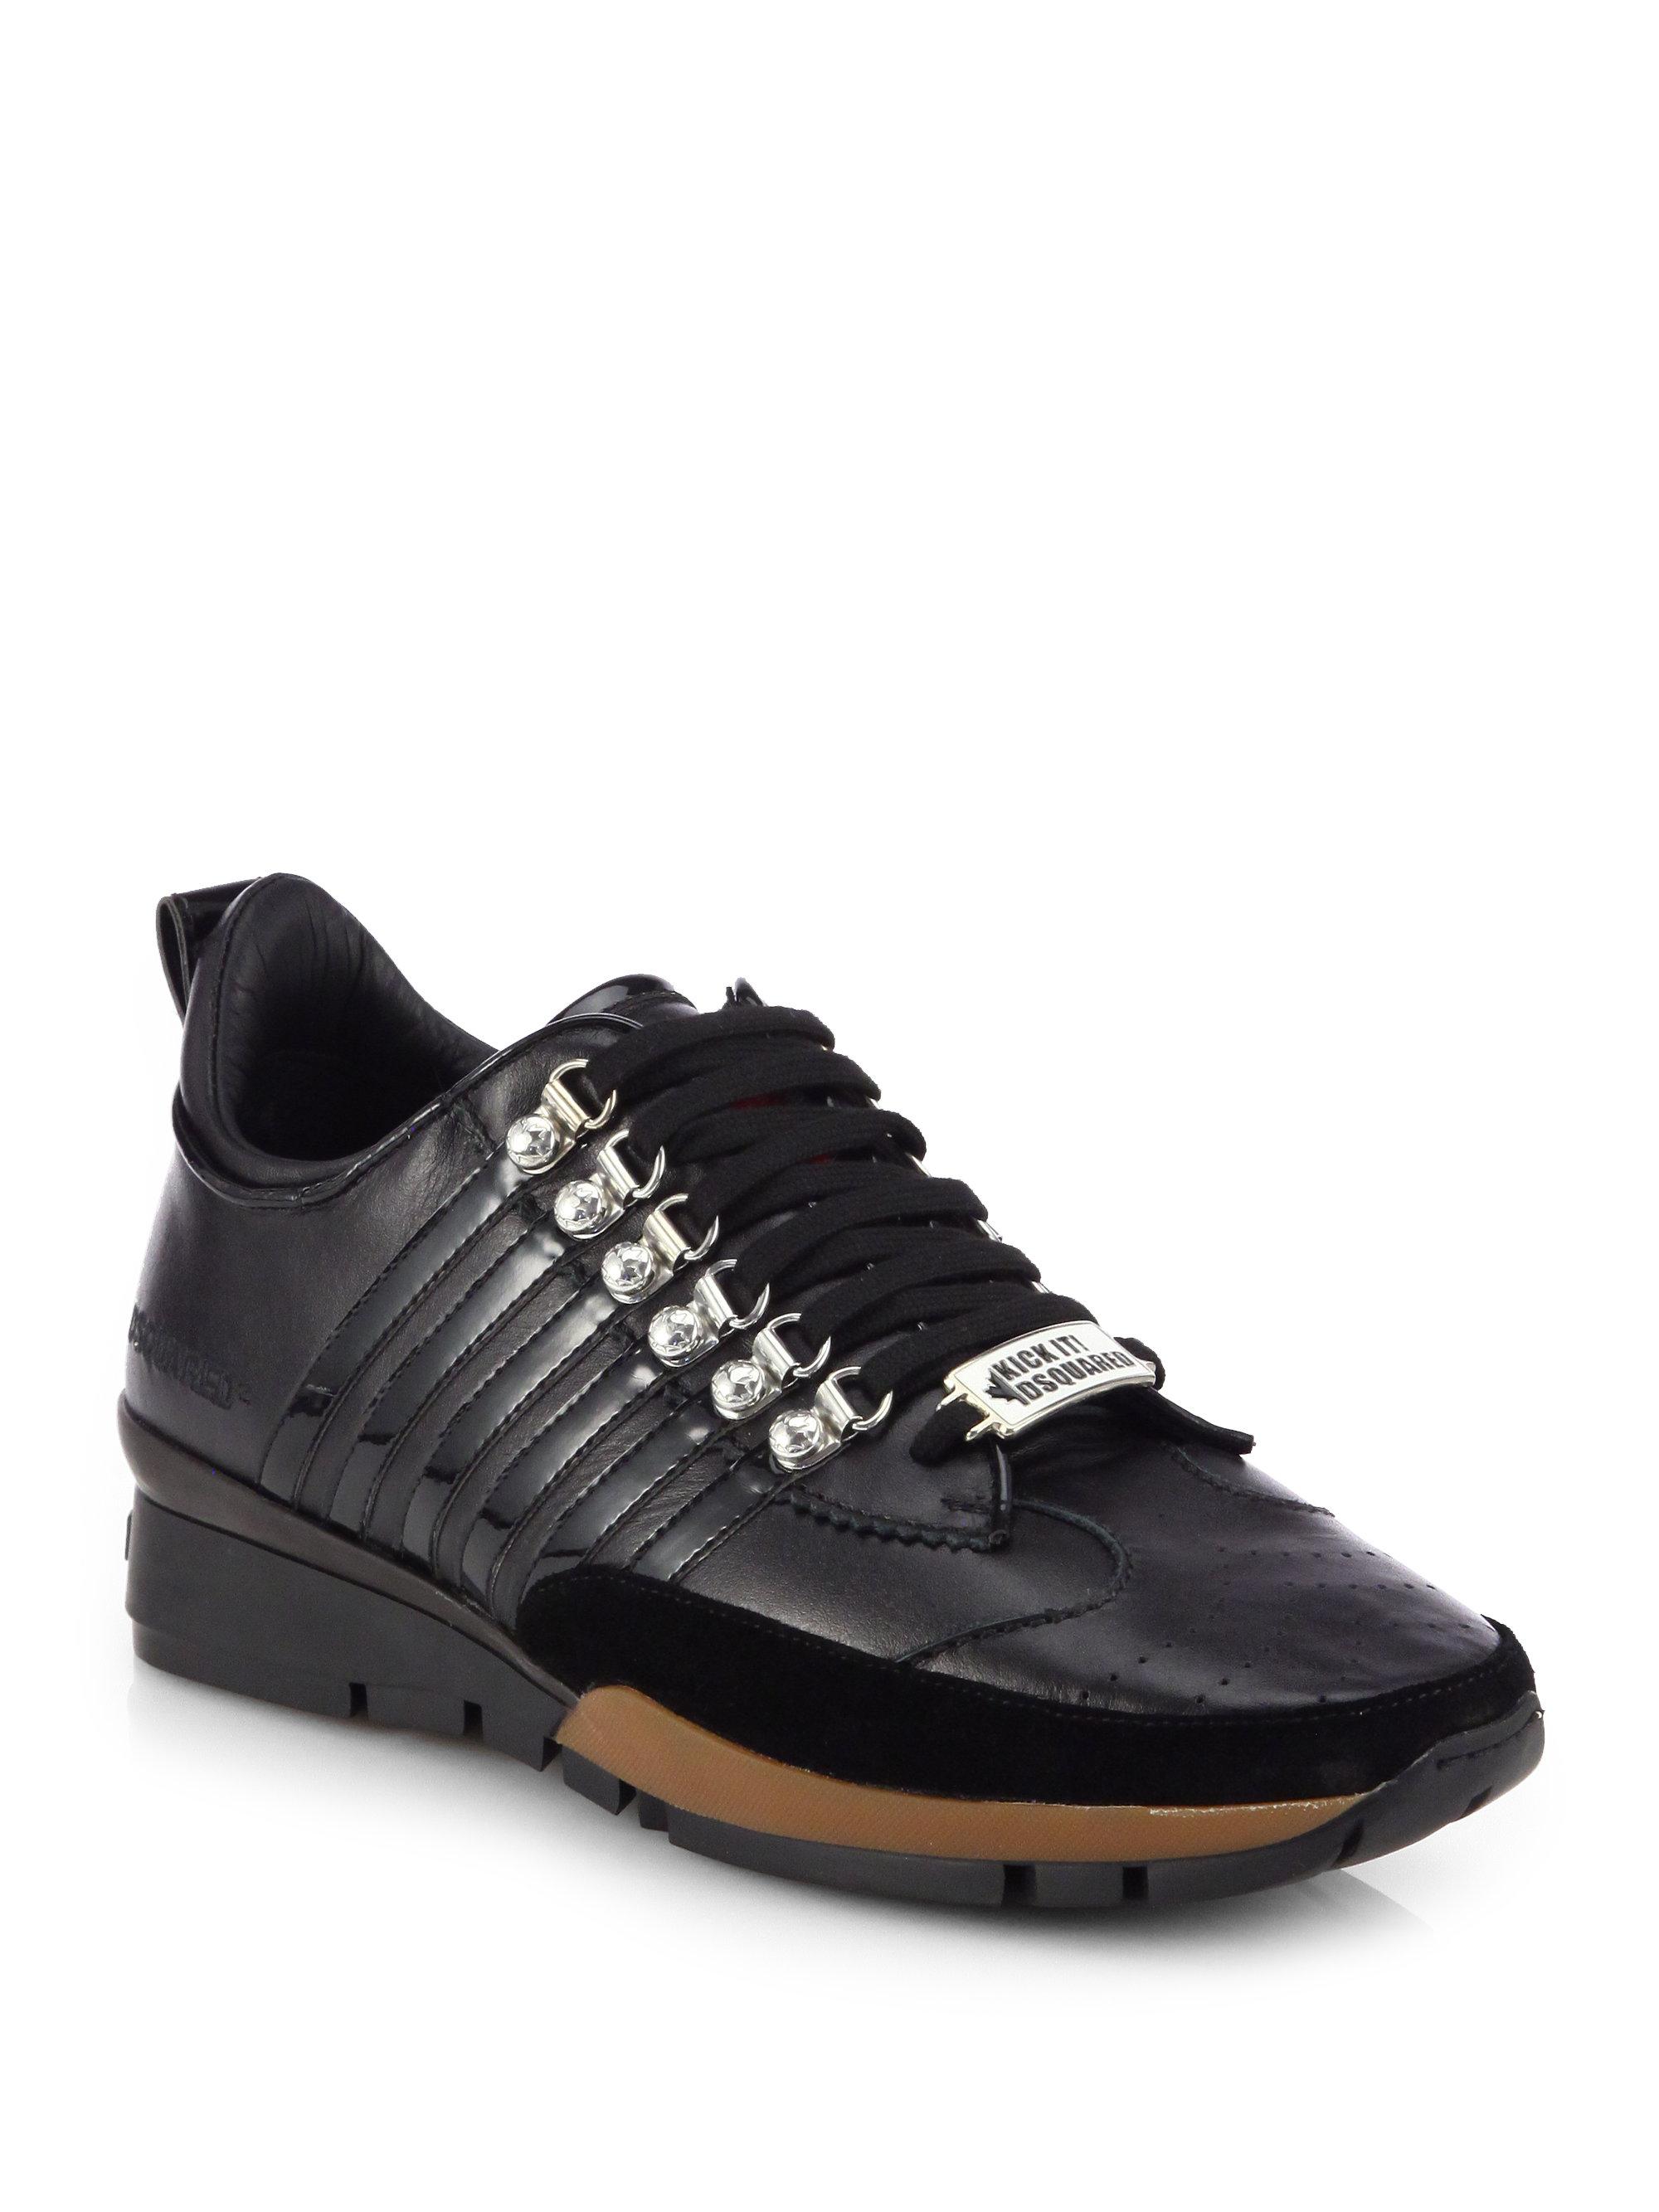 Dsquared 178 Vitello Sport Running Shoes In Black For Men Lyst